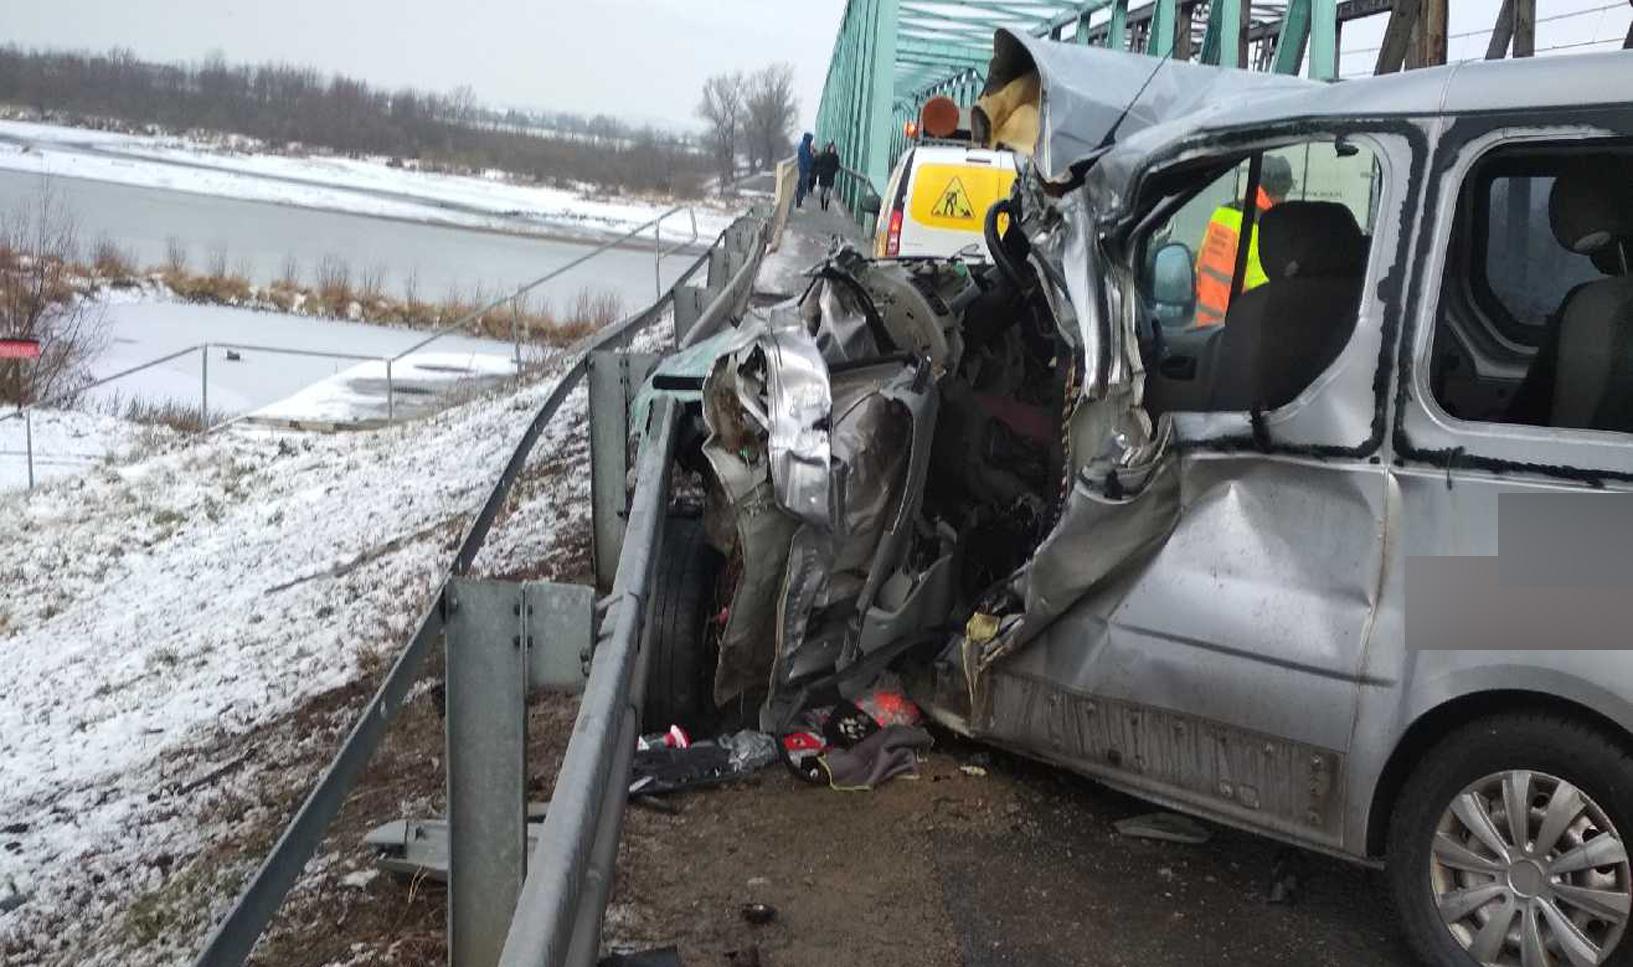 Podkarpacie. Wypadek w Nagnajowie na moście. Sporo osób rannych [ZDJĘCIA] - Zdjęcie główne